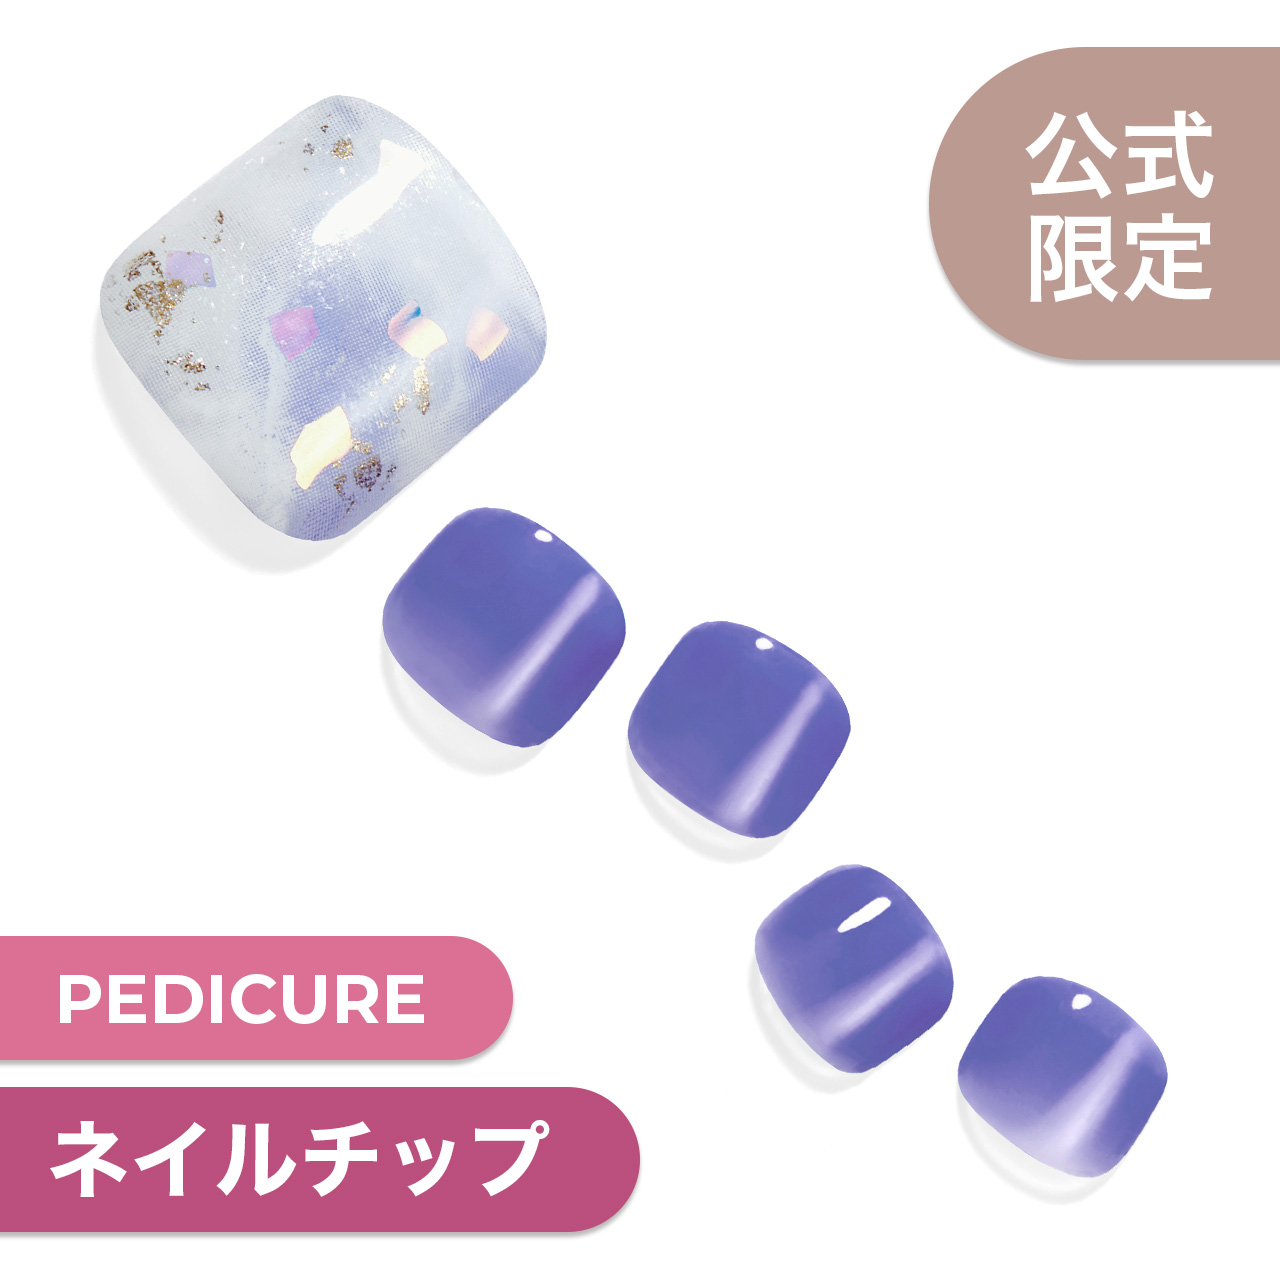 【Blue Cotton】ダッシングディバマジックプレス ペディ